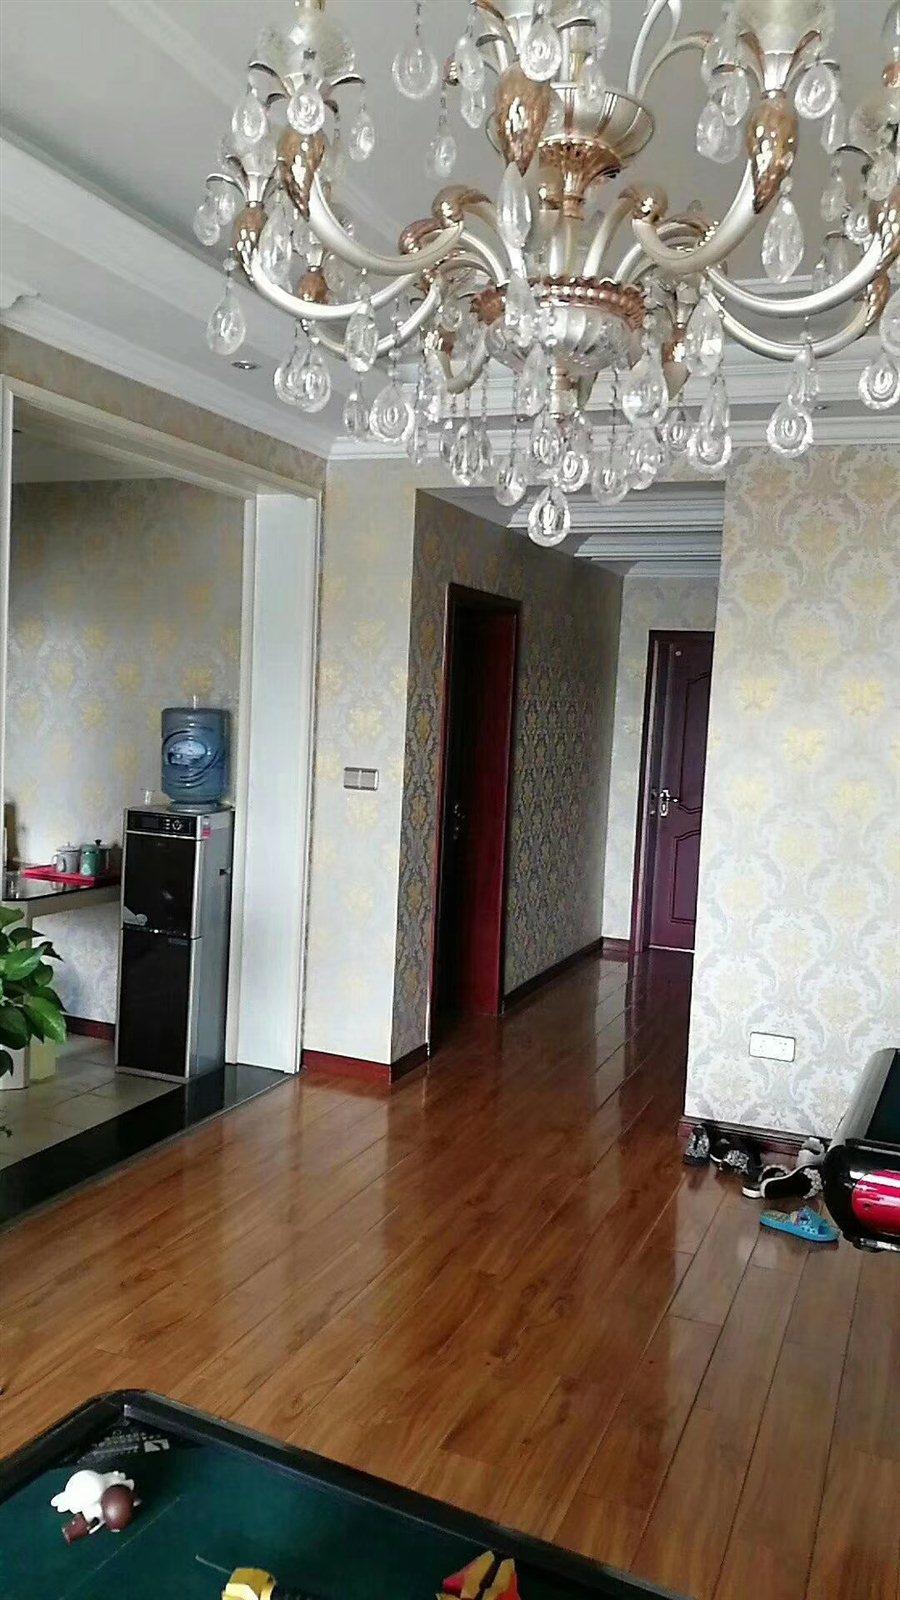 教师楼3室 2厅 1卫66万元